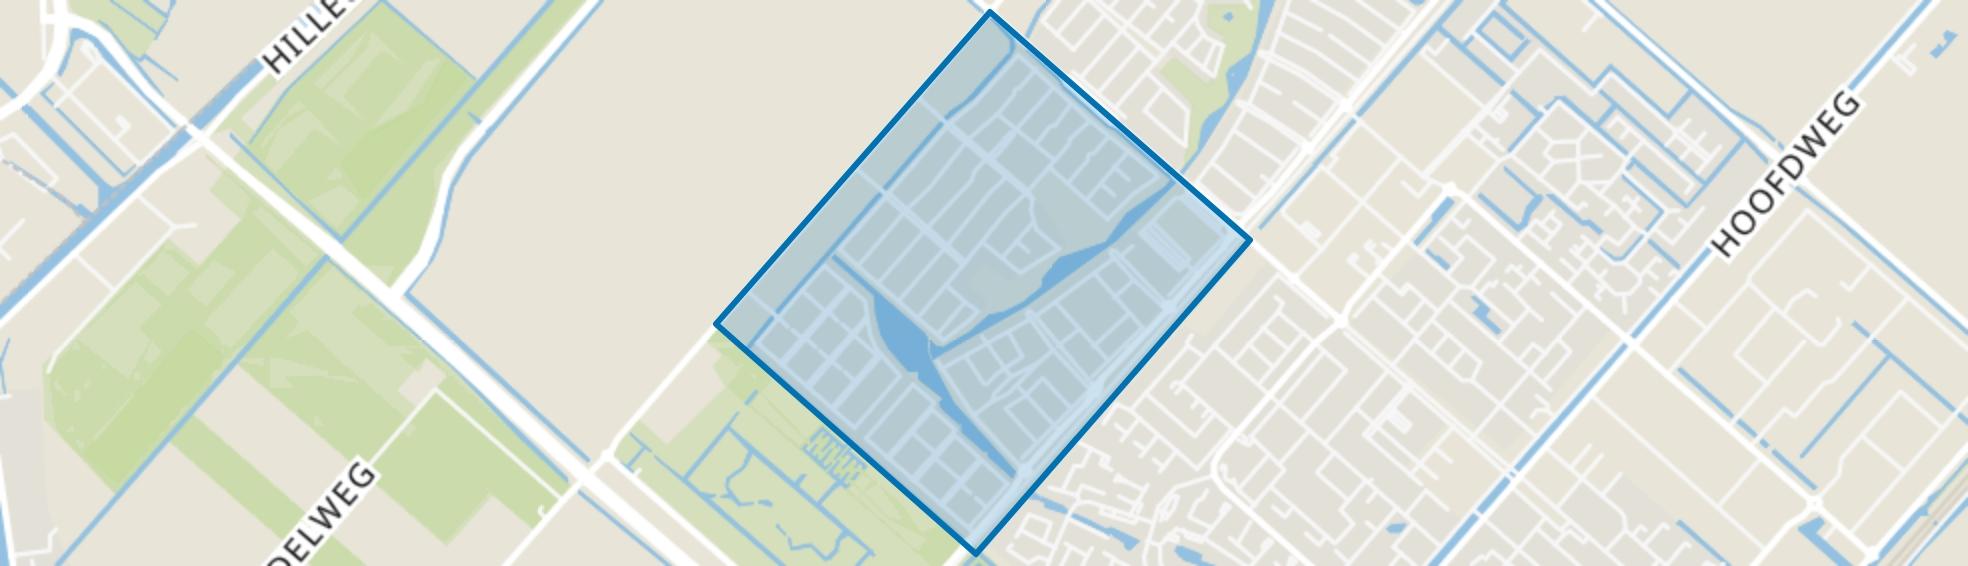 Nieuw-Vennep Getsewoud Zuid, Nieuw-Vennep map